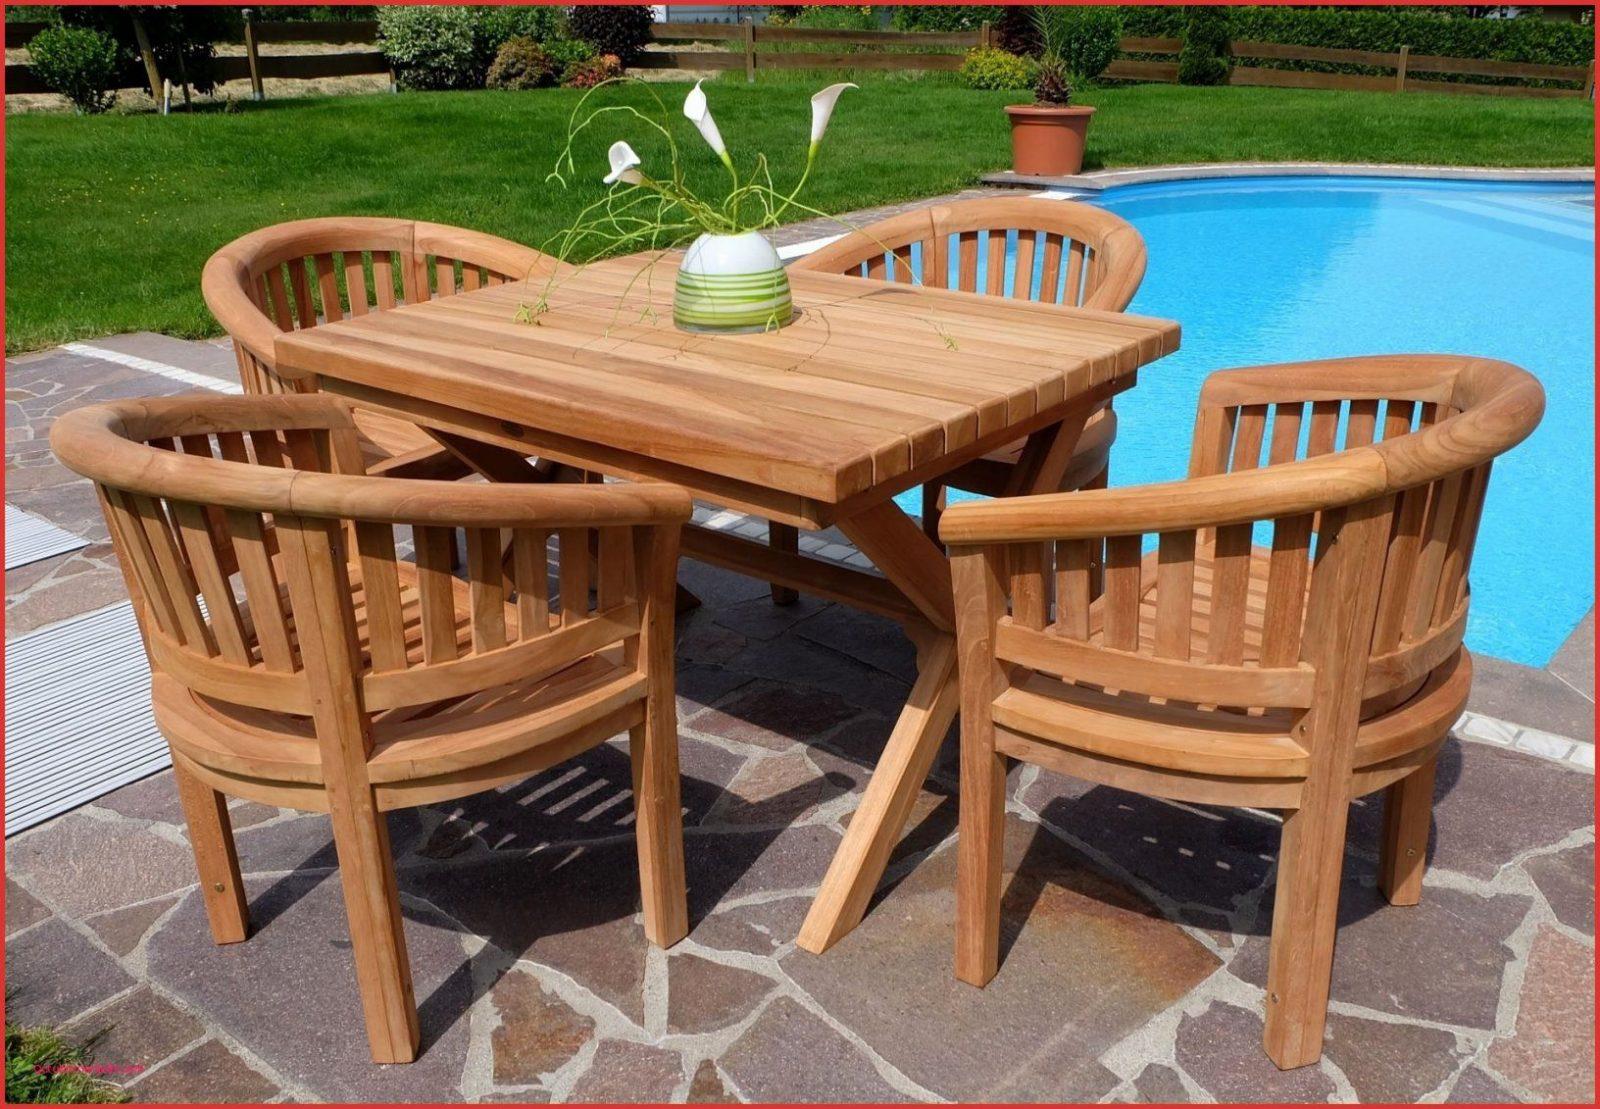 Rustikale Gartenmöbel Aus Polen Das Beste Von Gartenmöbel Aus Polen von Rustikale Holz Gartenmöbel Aus Polen Bild